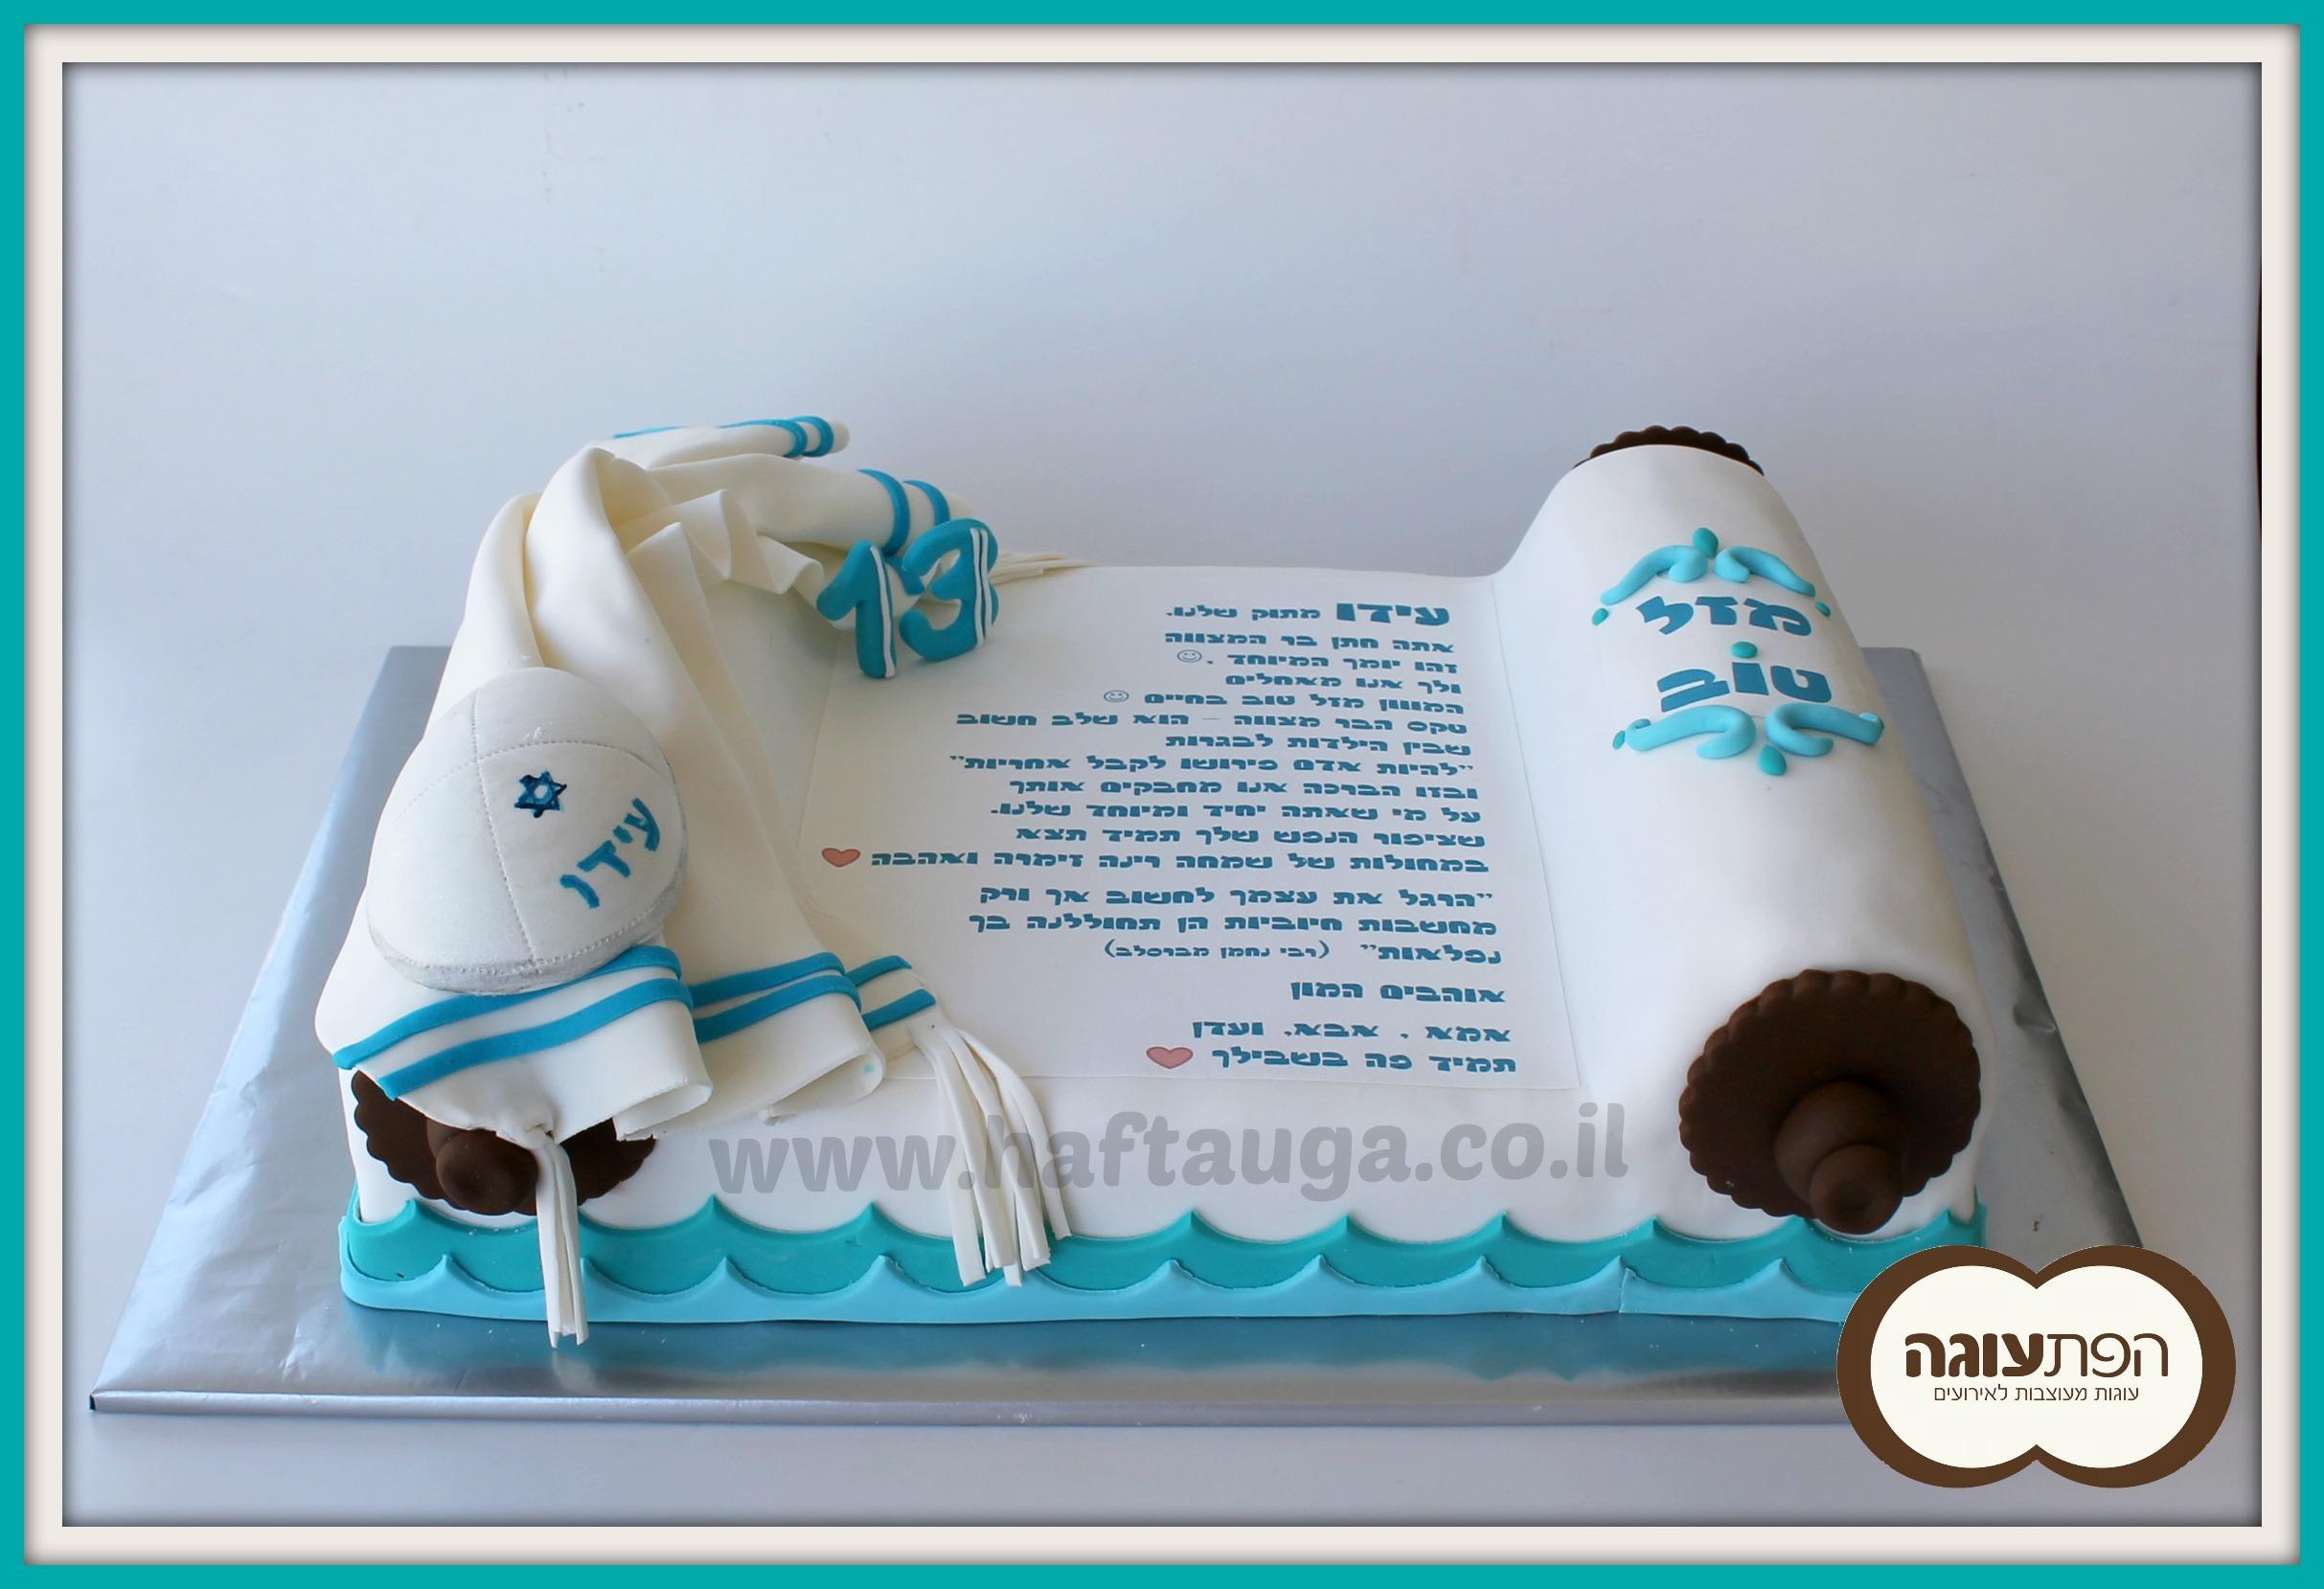 עוגת ספר תורה - לעידו